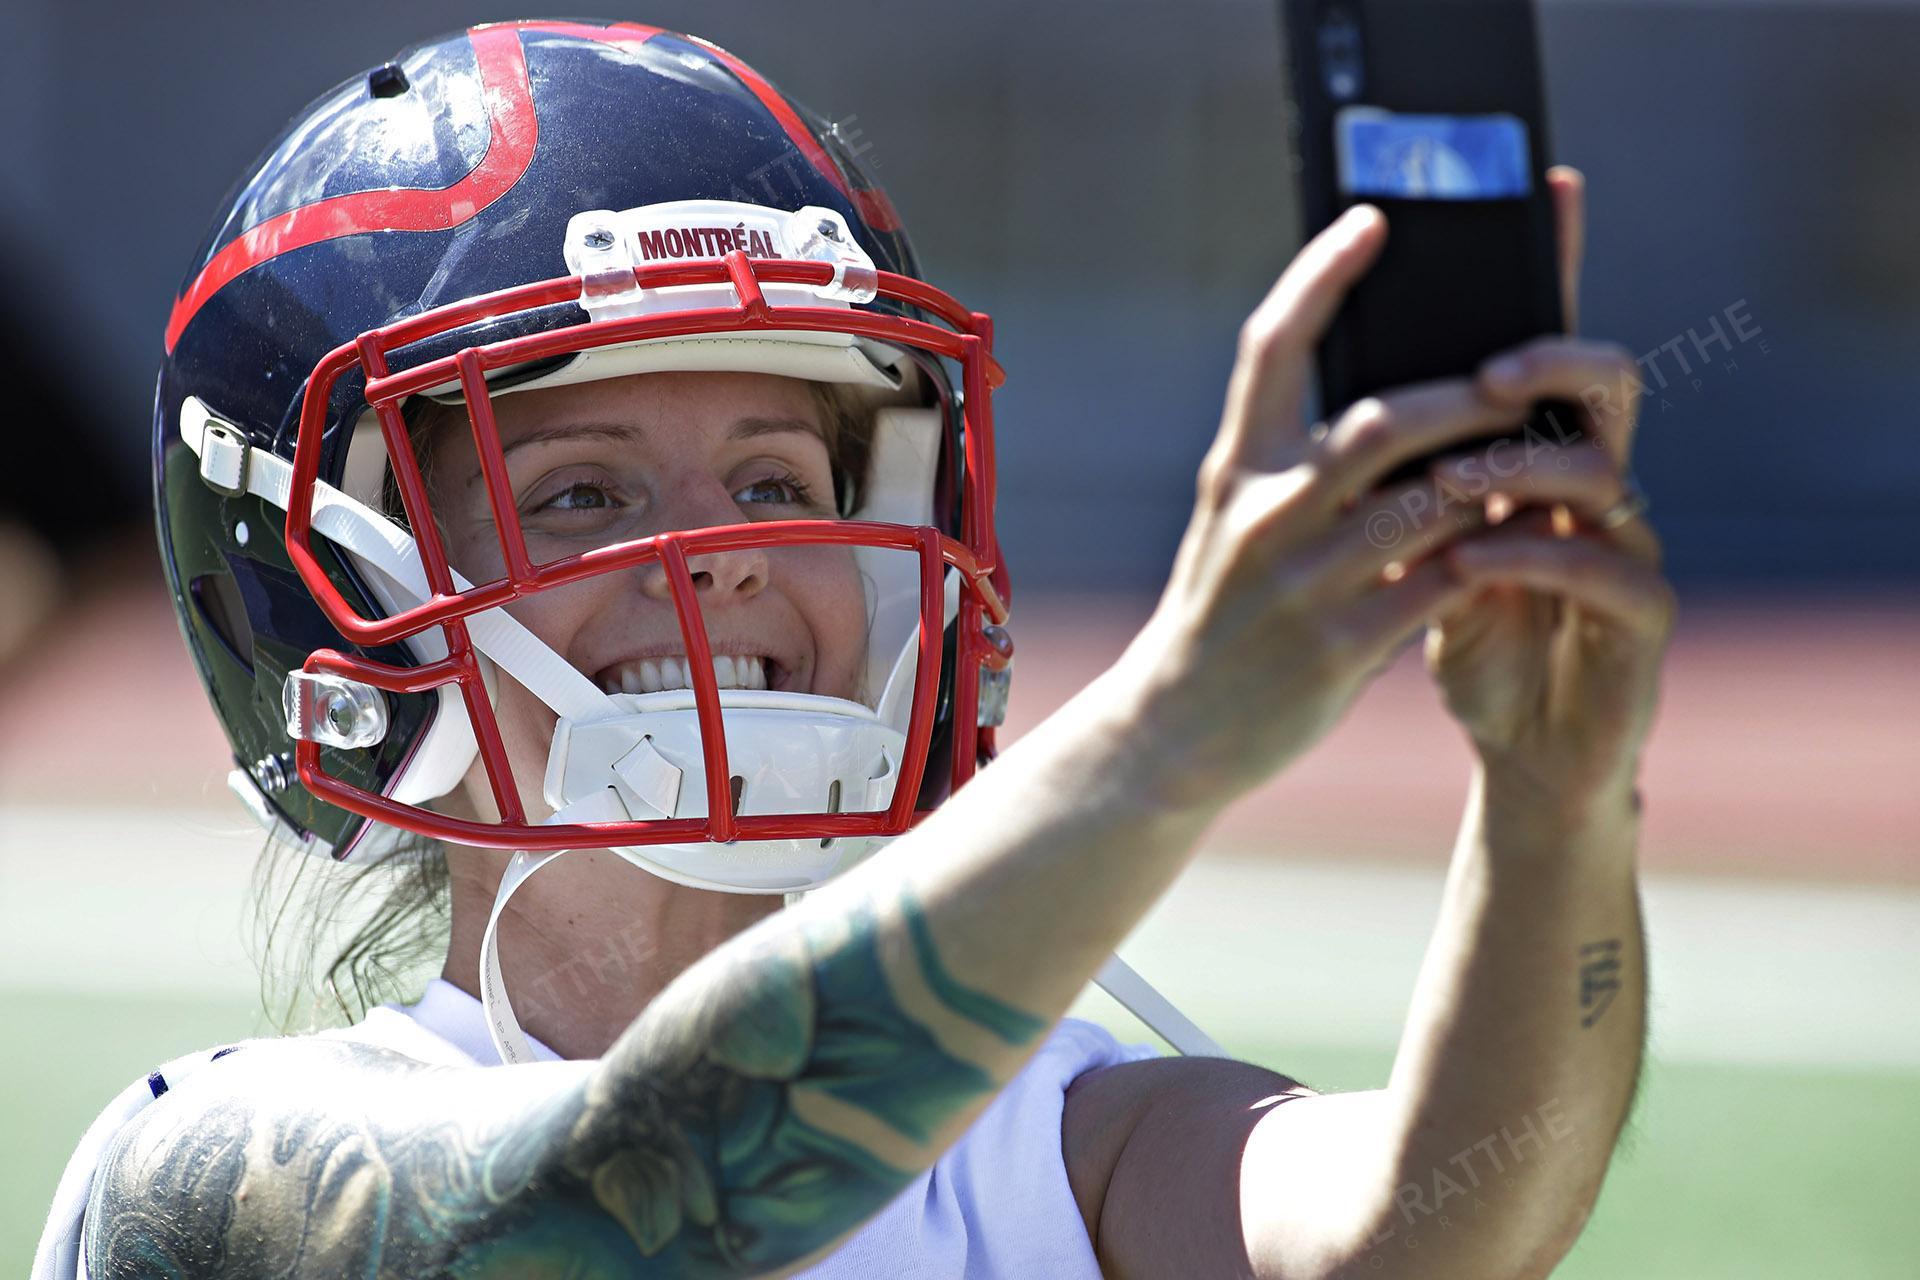 une fan des Alouettes de Montréal se prend en Selfie avec un Casque de Football à la clinique de football